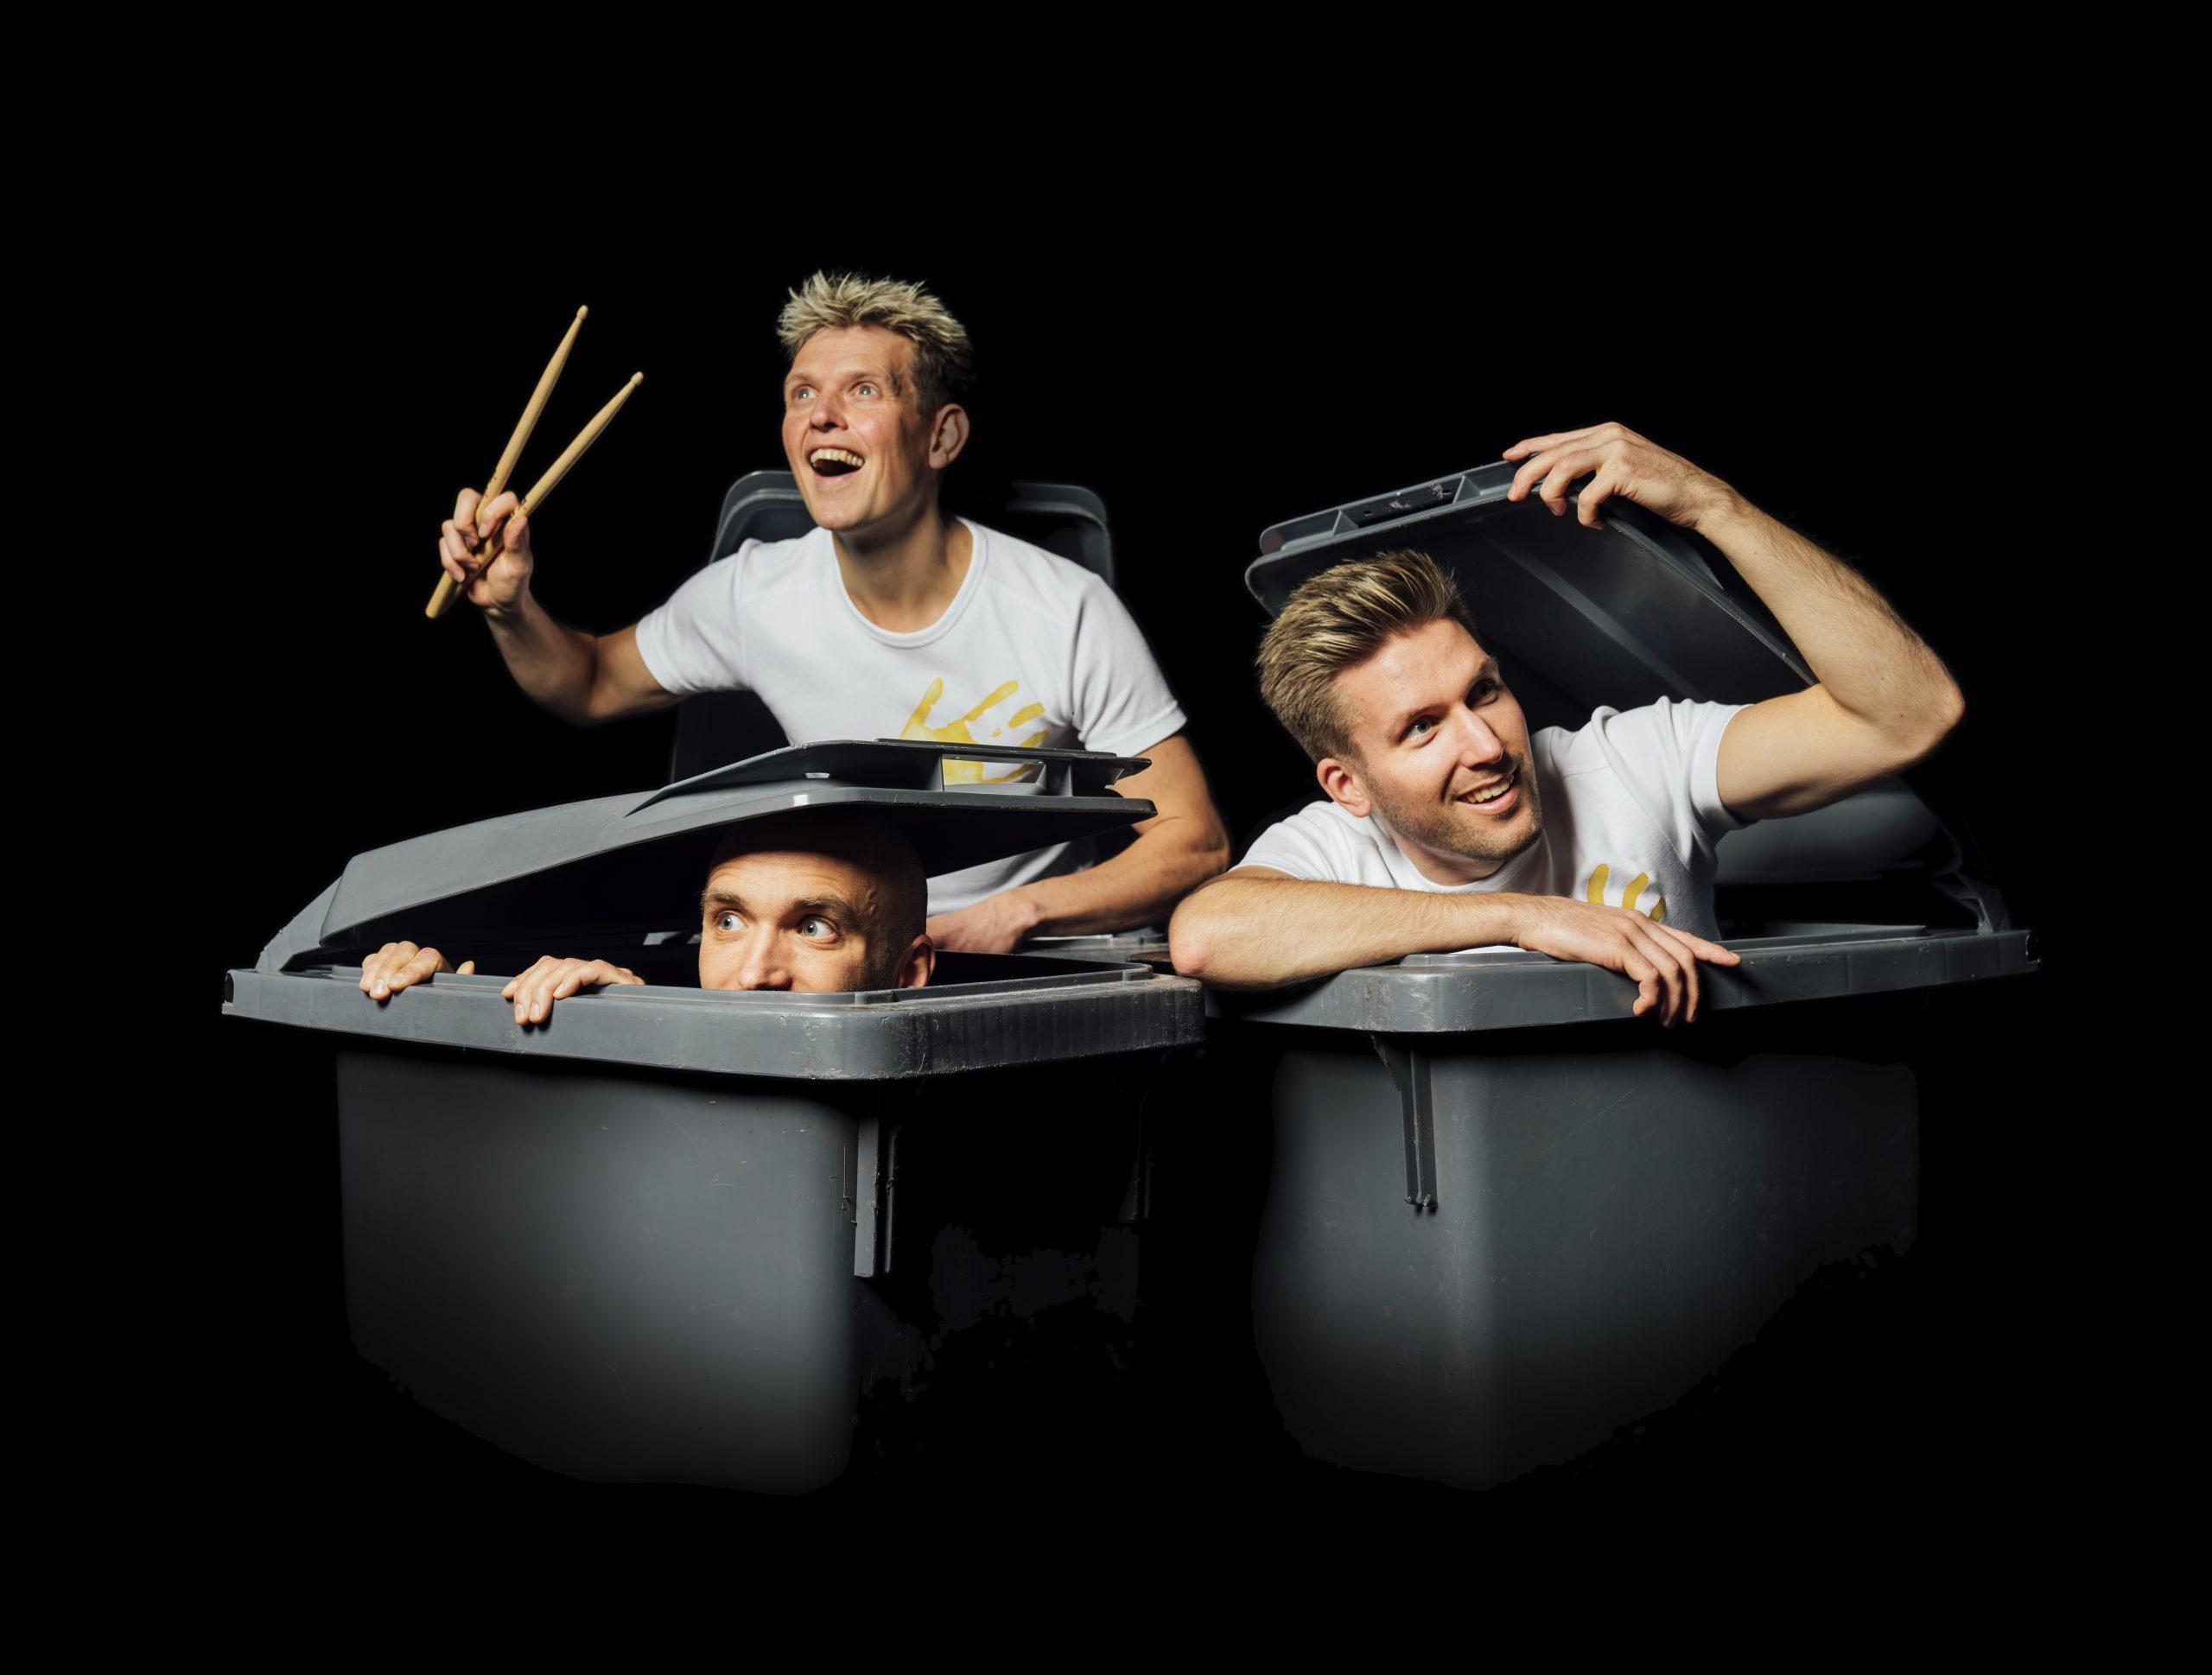 Kuvassa kaksi yhtyeen jäsentä kurkistaa roskalaatikosta ja kaikki jäsenet katsovat eri suuntiin.